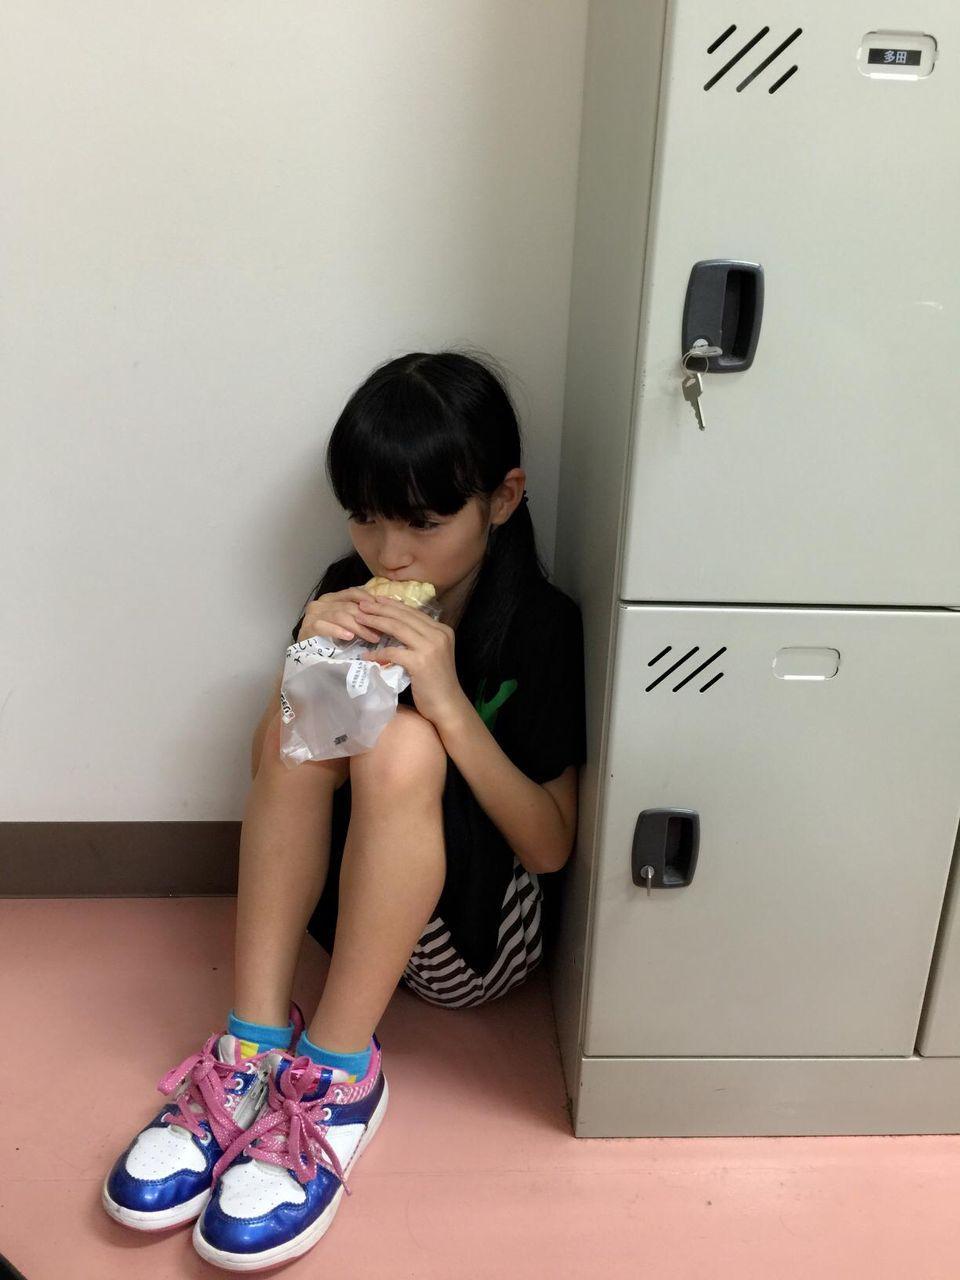 女子小学生の親YouTuber「せや!娘の体でロリコン釣って儲けたろ!」 [無断転載禁止]©2ch.net [269467773]YouTube動画>75本 ->画像>55枚